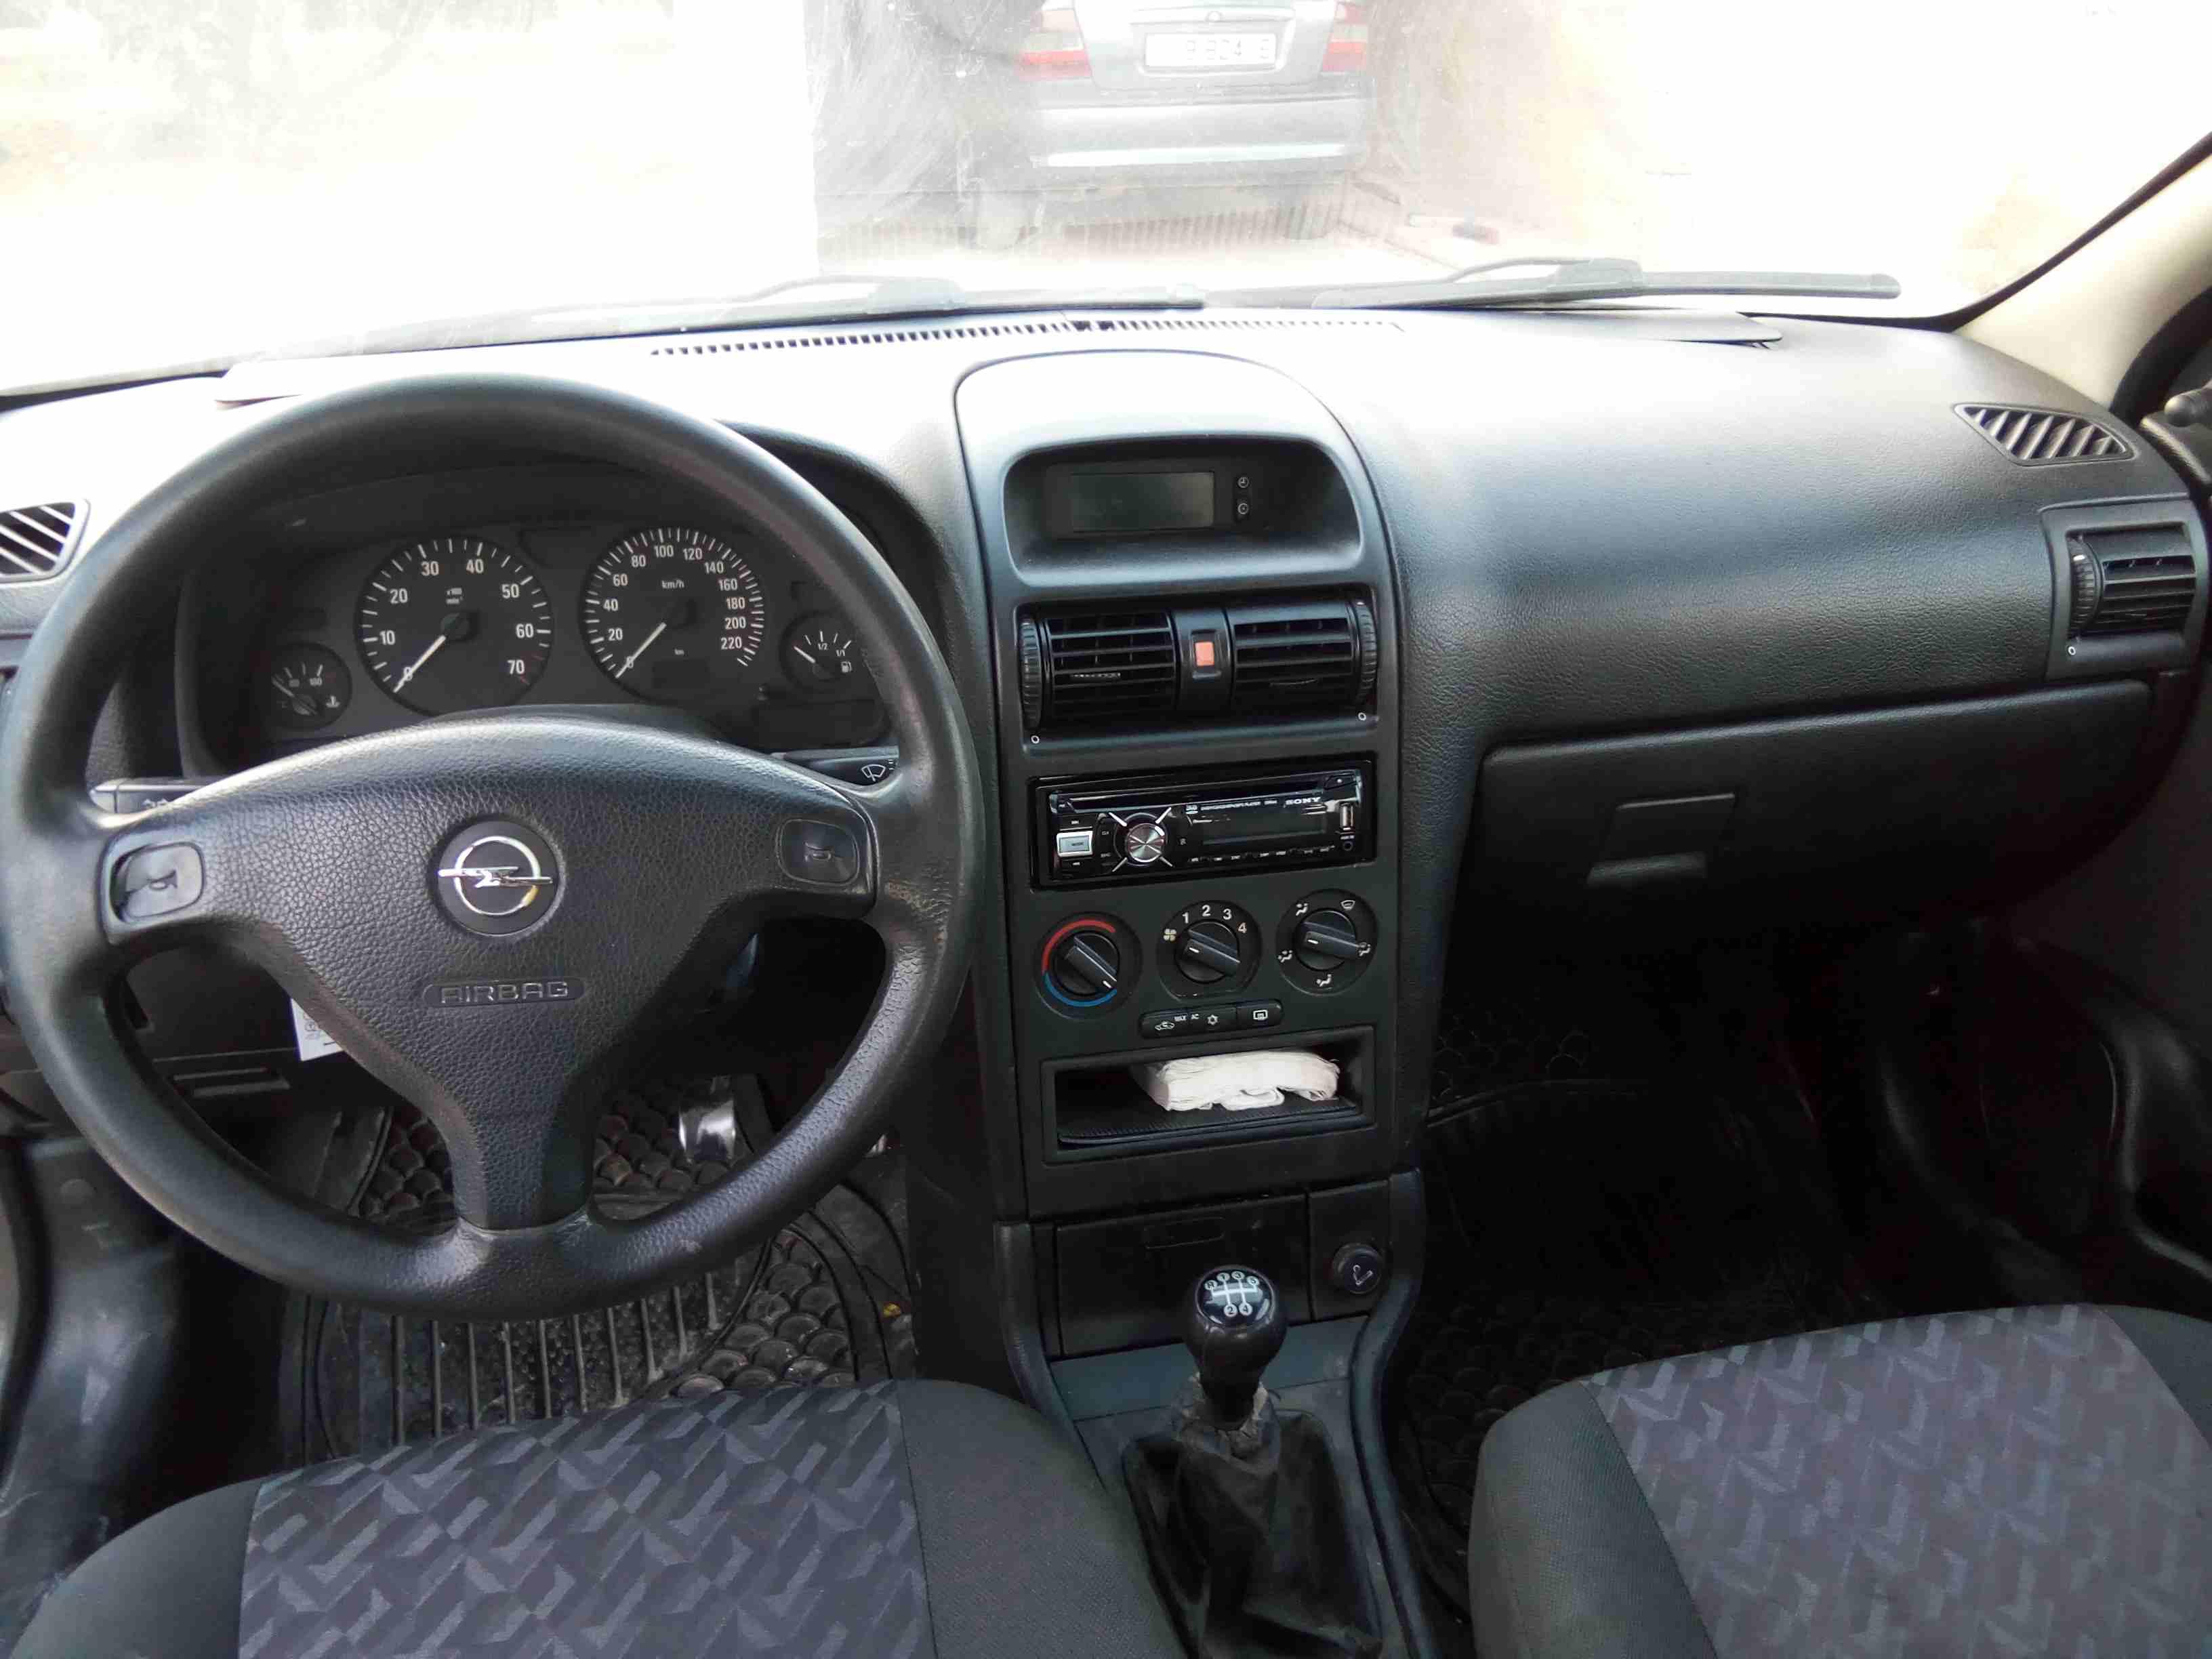 لكزس RX 350 2007 مستعملة-  أوبل استرا موديل 2003 لا...